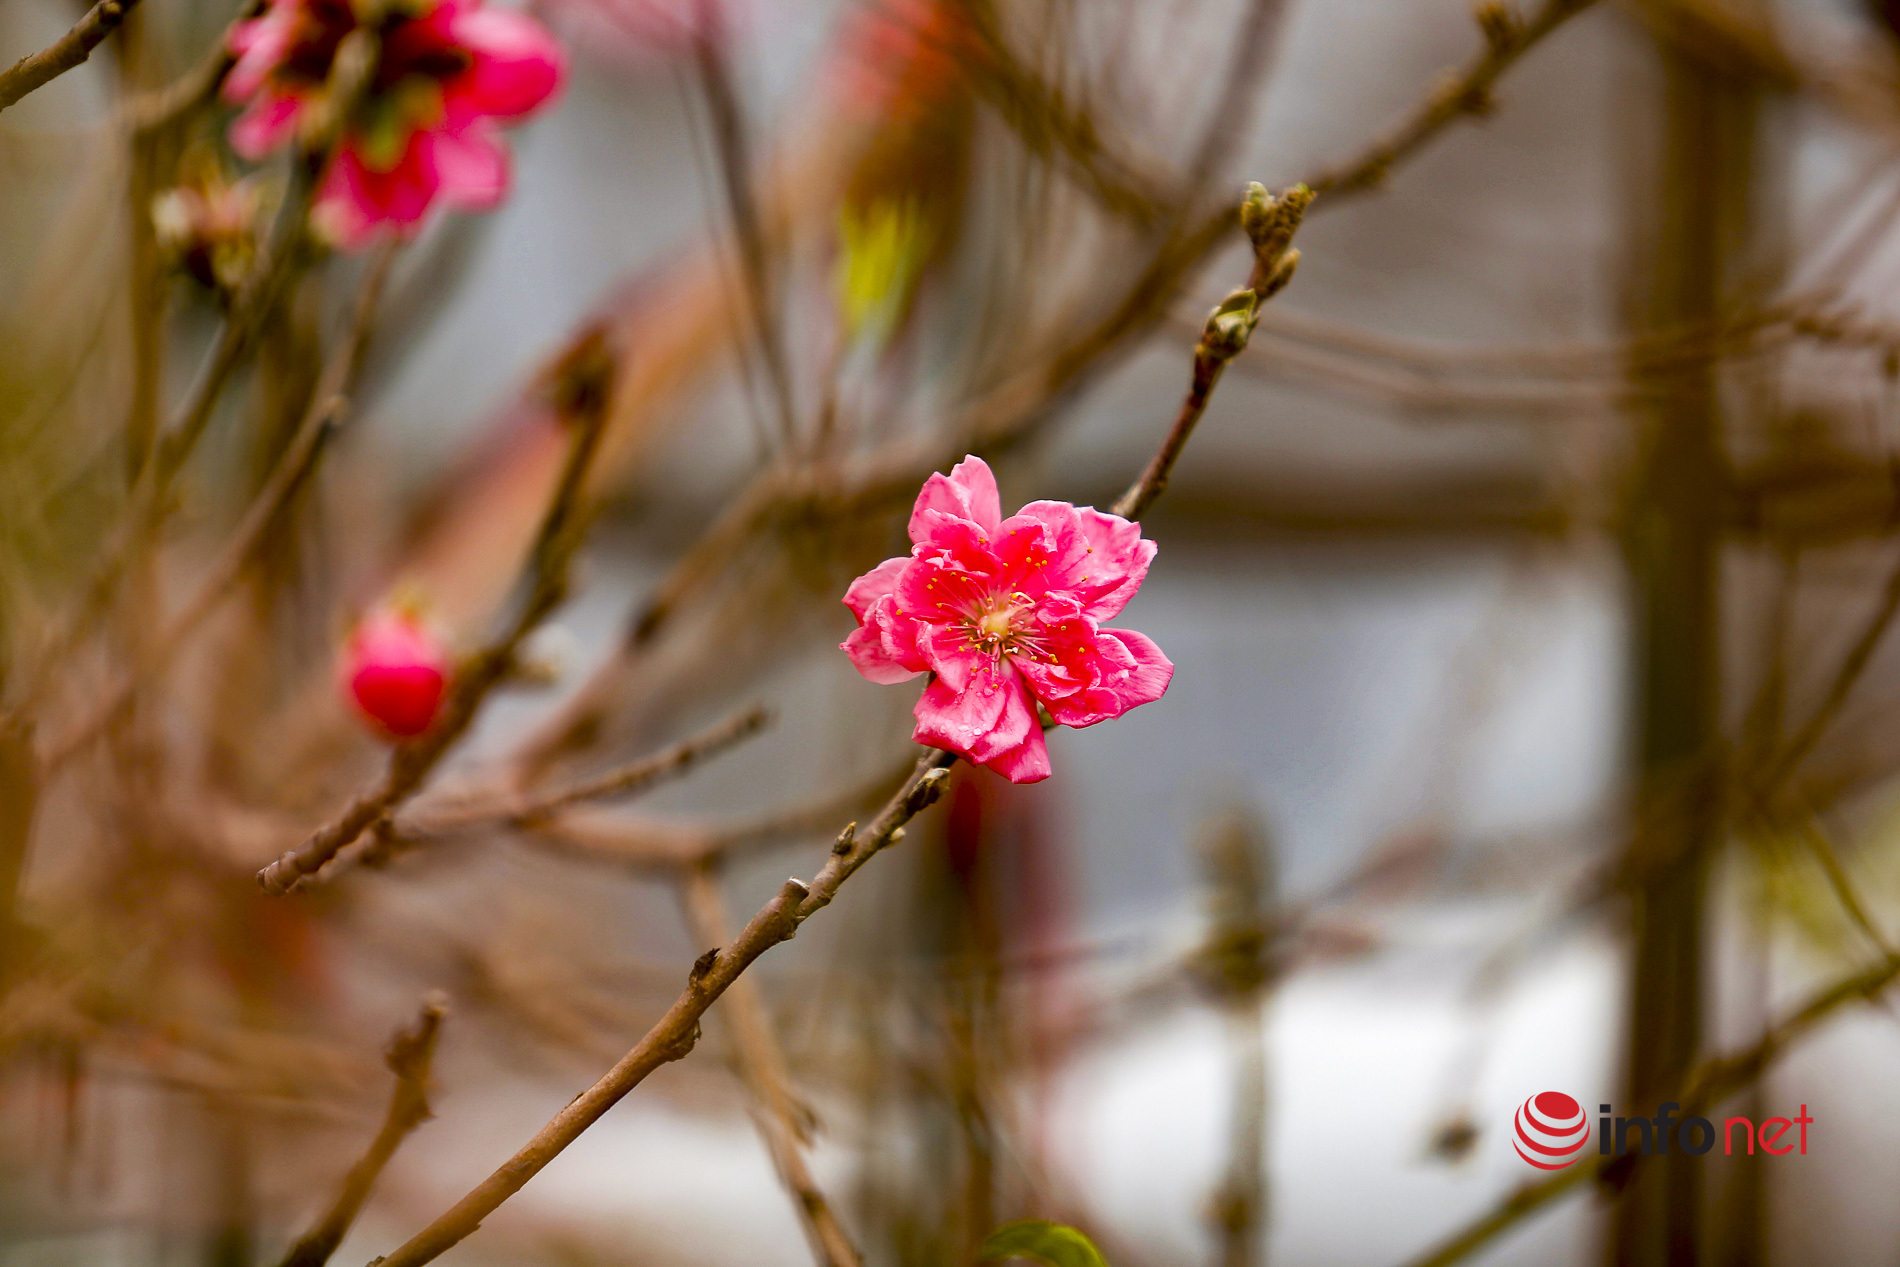 Đào Nhật Tân xuống chợ, khách háo hức ngắm hoa ngỡ như Tết đang cận kề